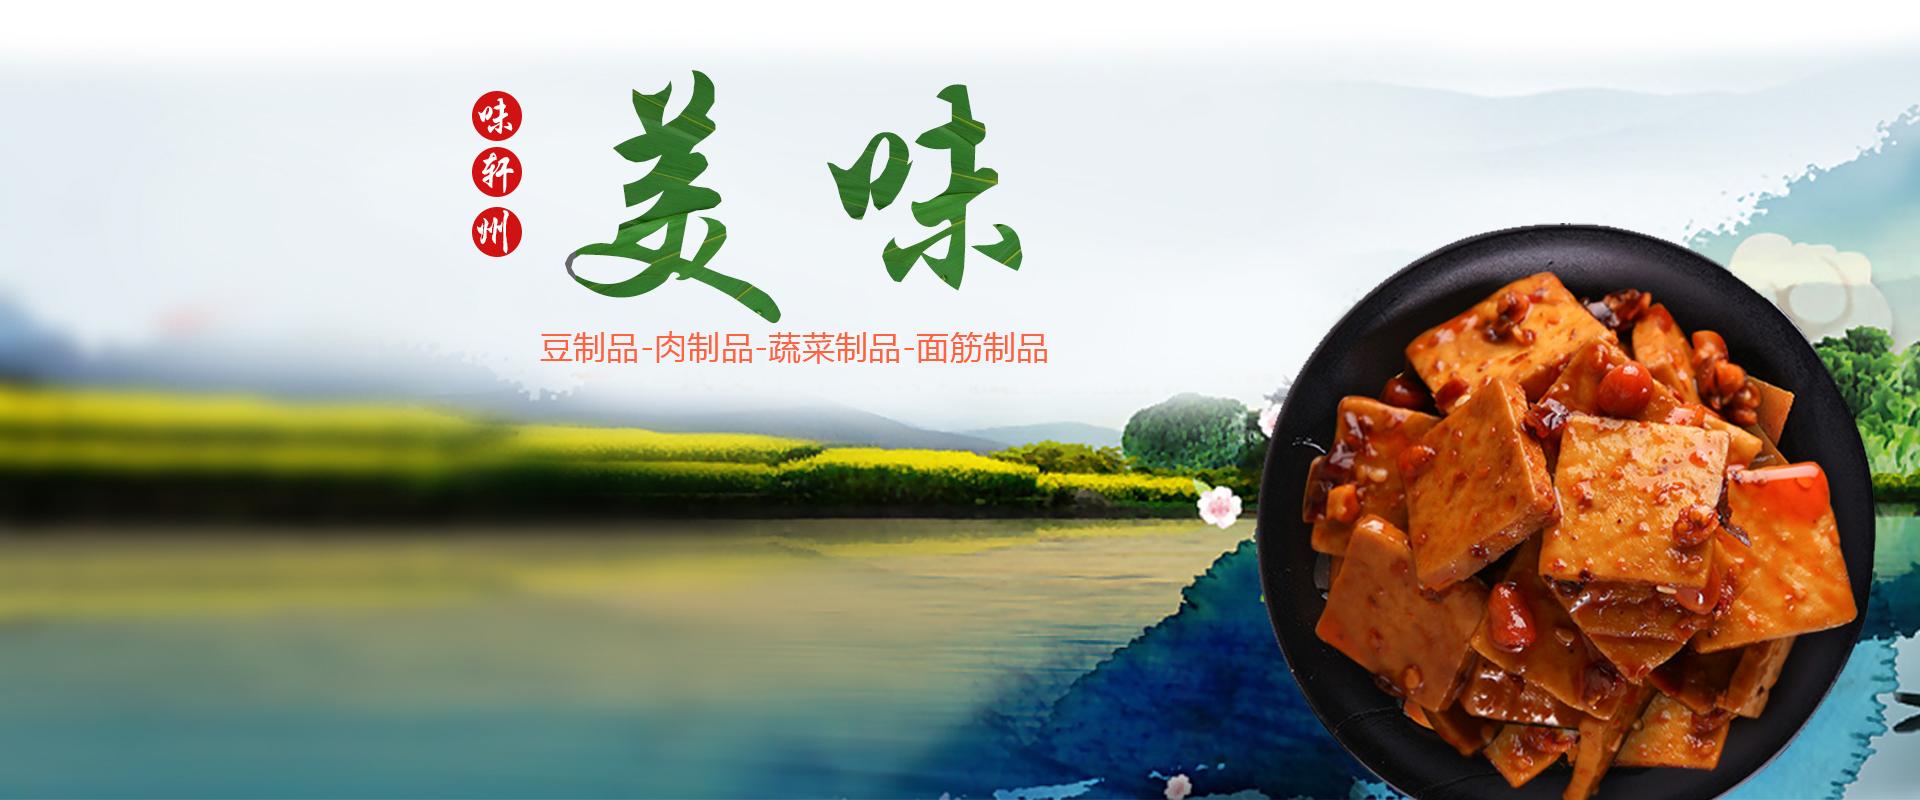 重庆万博携手皇马万博体育世界杯版厂家